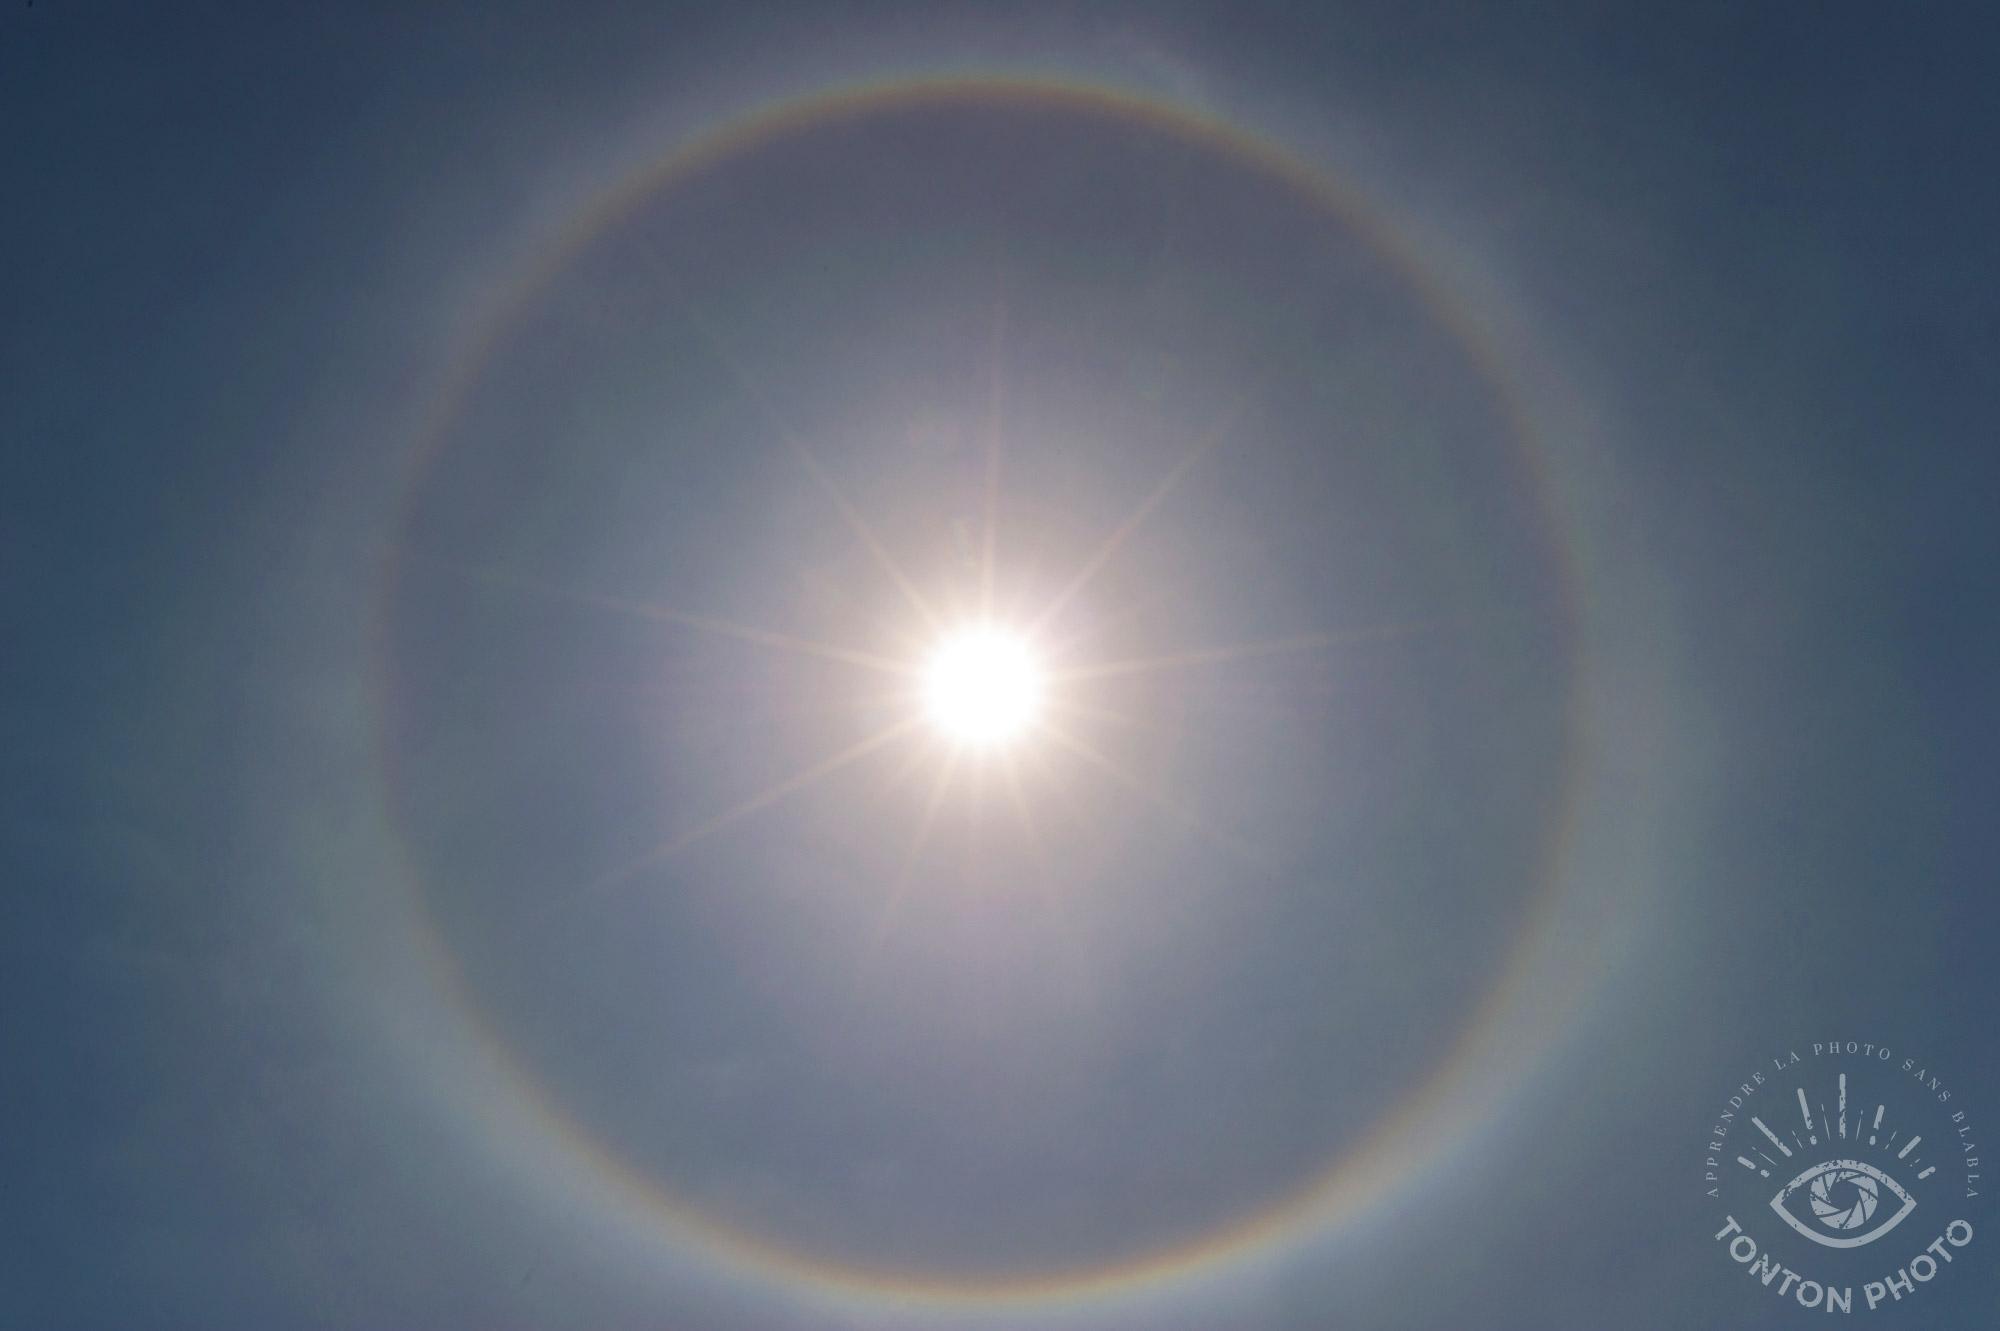 En fermant mon diaphragme, j'ai pu capturer cet incroyable halo solaire... © Tonton Photo